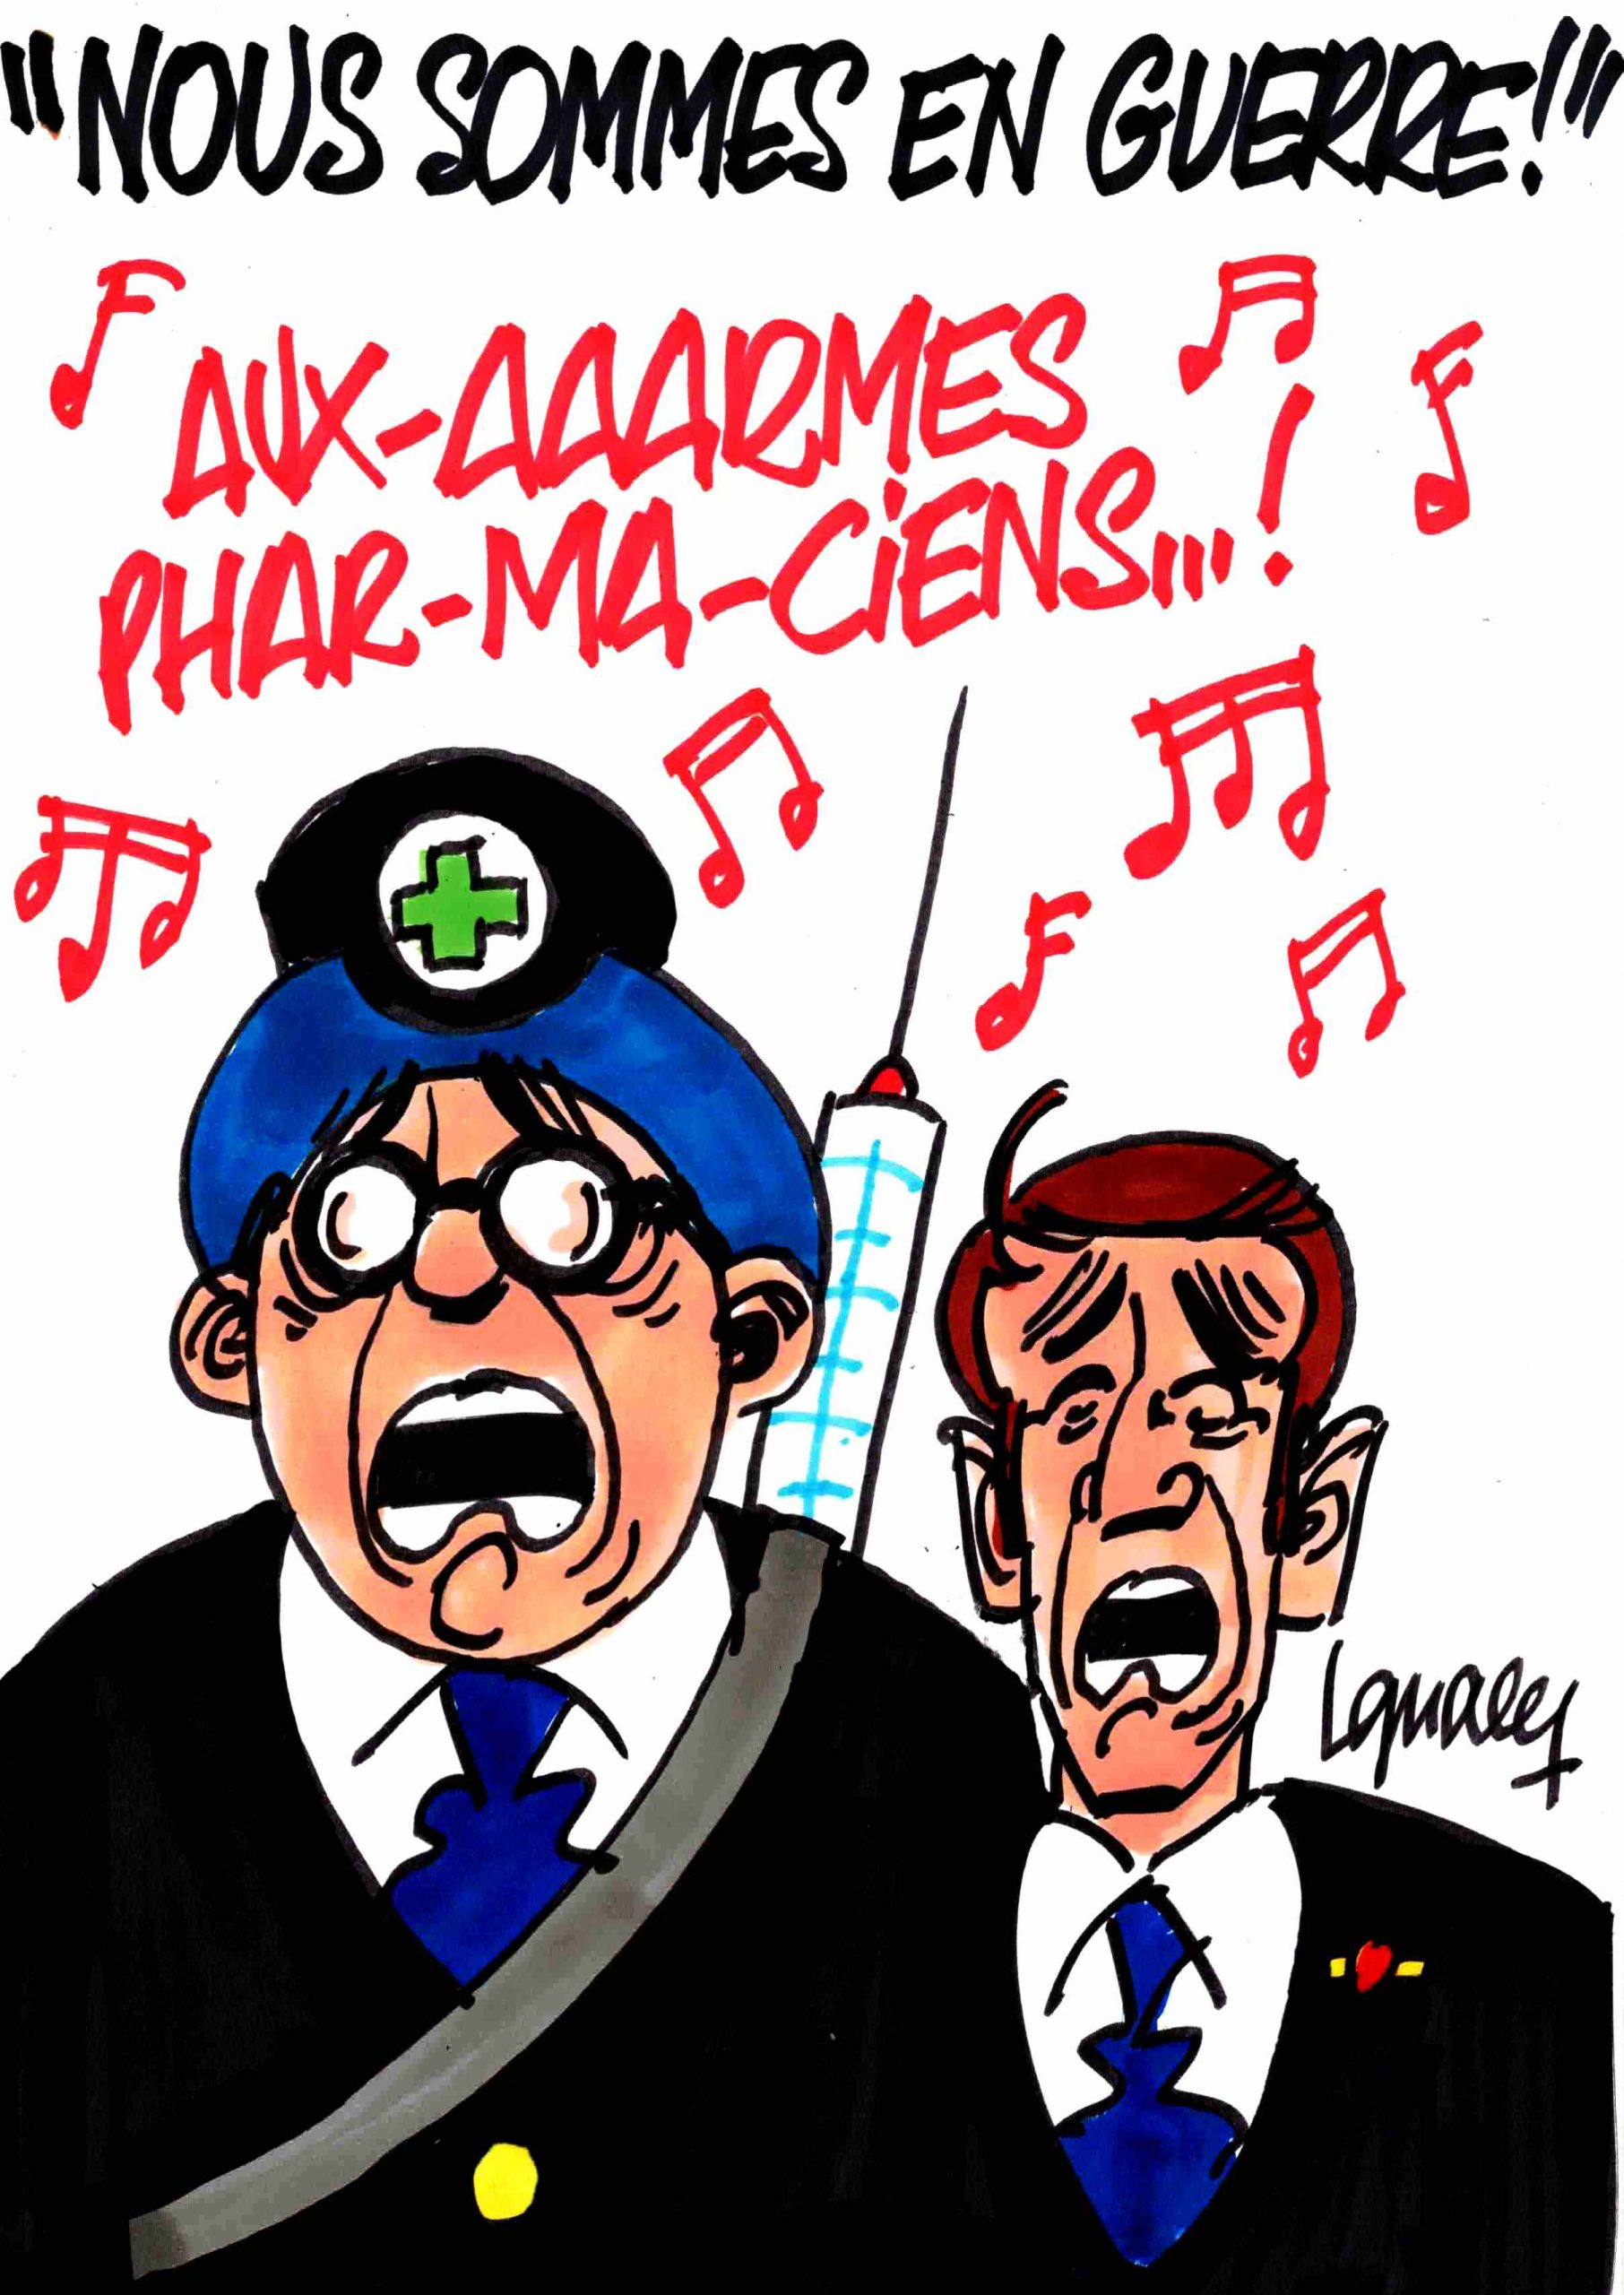 """Ignace - """"Nous sommes en guerre !"""""""